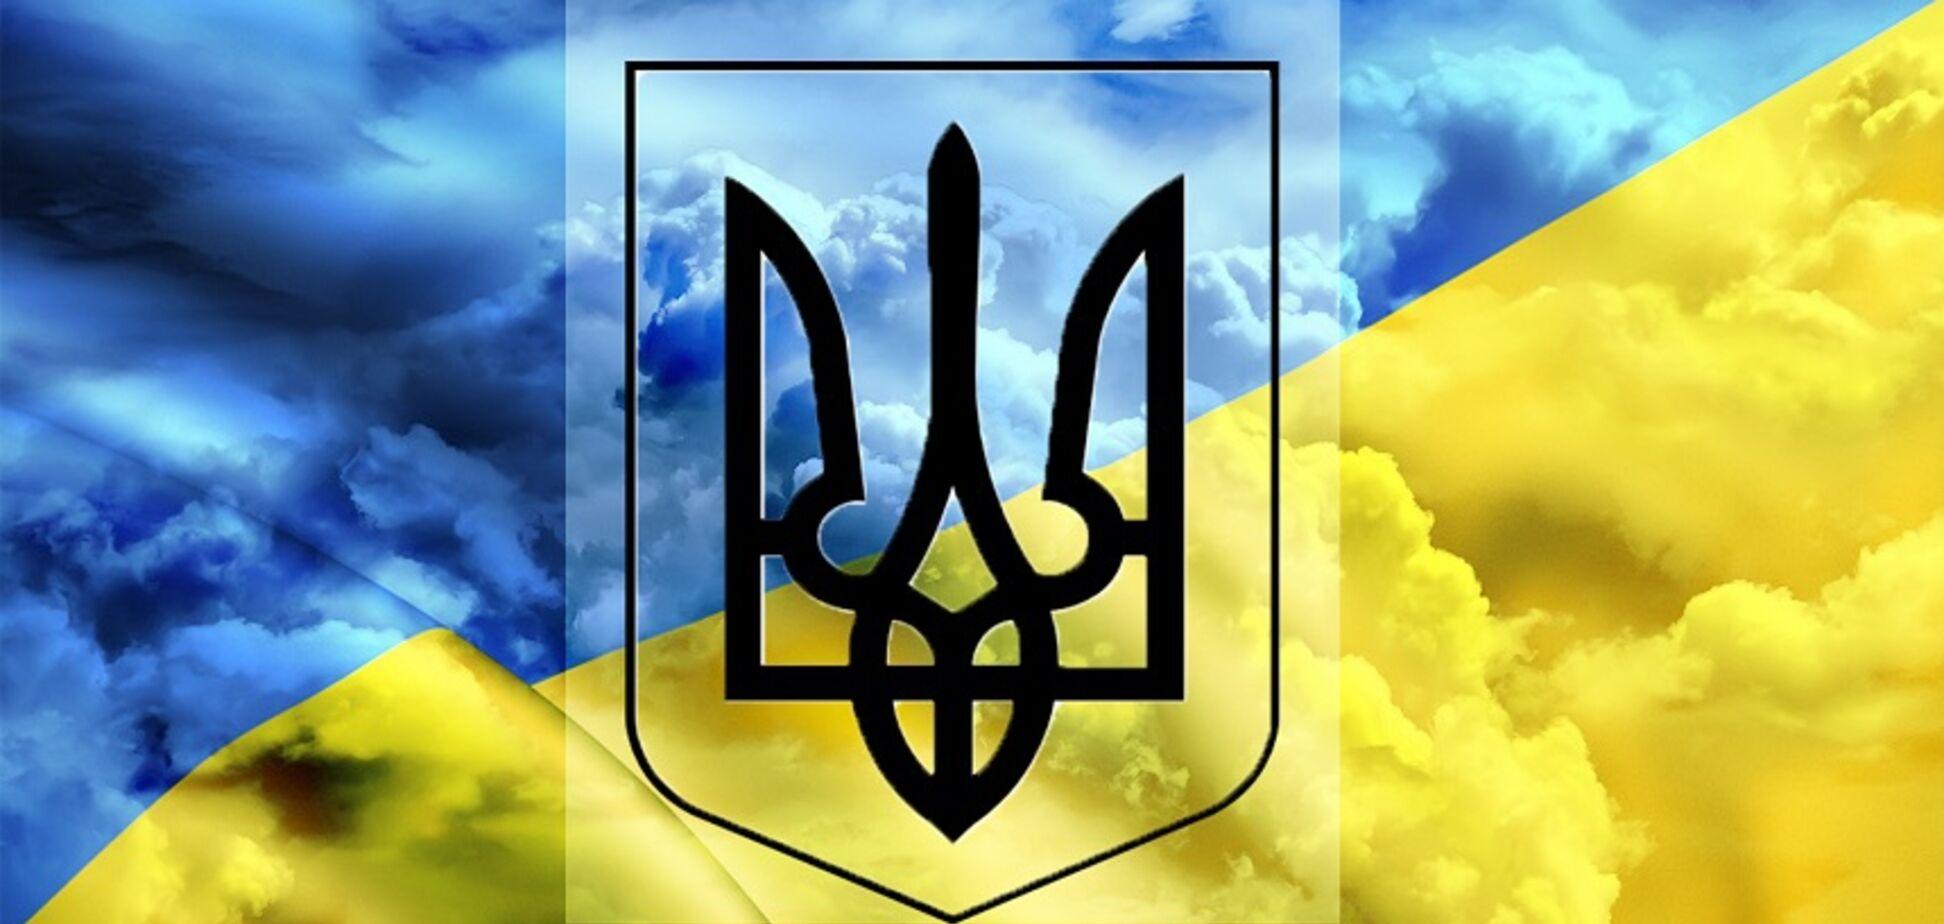 Тризуб, которому тысяча лет: в Украине отмечается День государственного герба